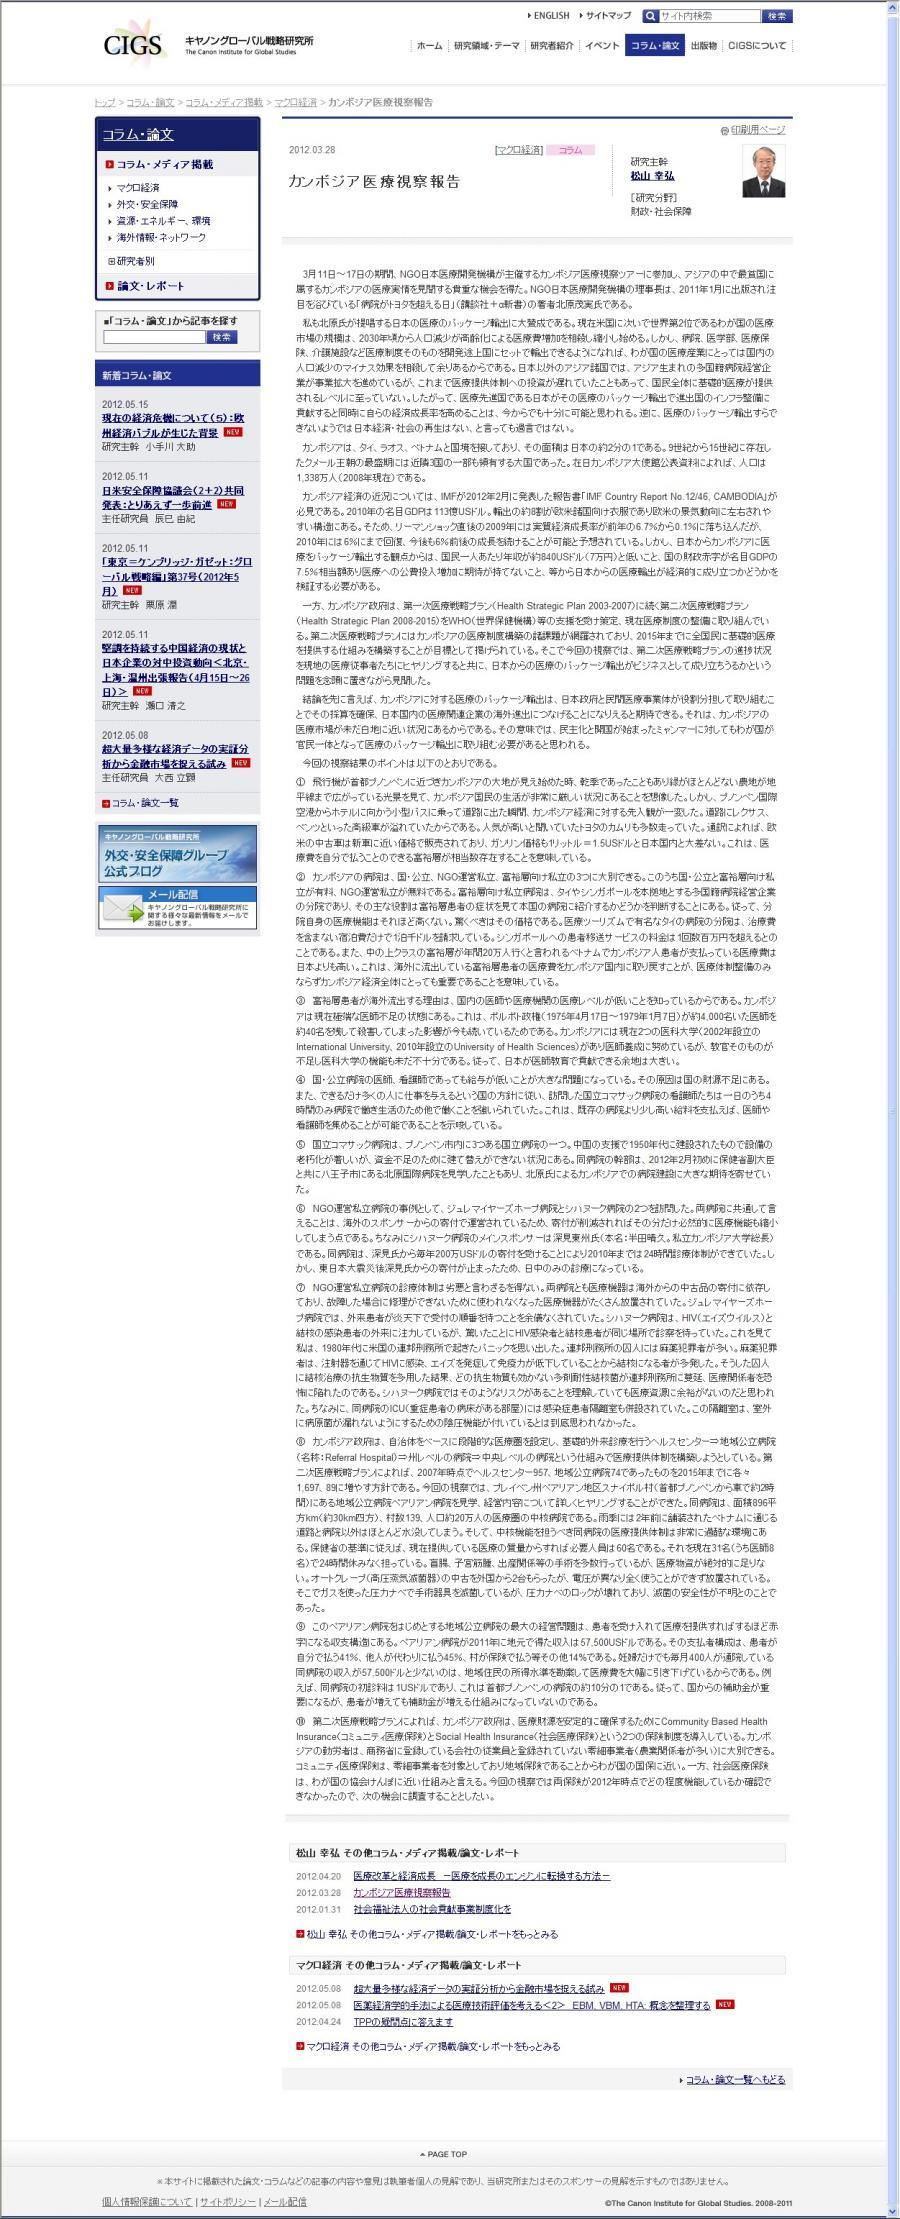 カンボジア医療視察報告+|+キヤノングローバル戦略研究所(CIGS)_convert_20121204100514